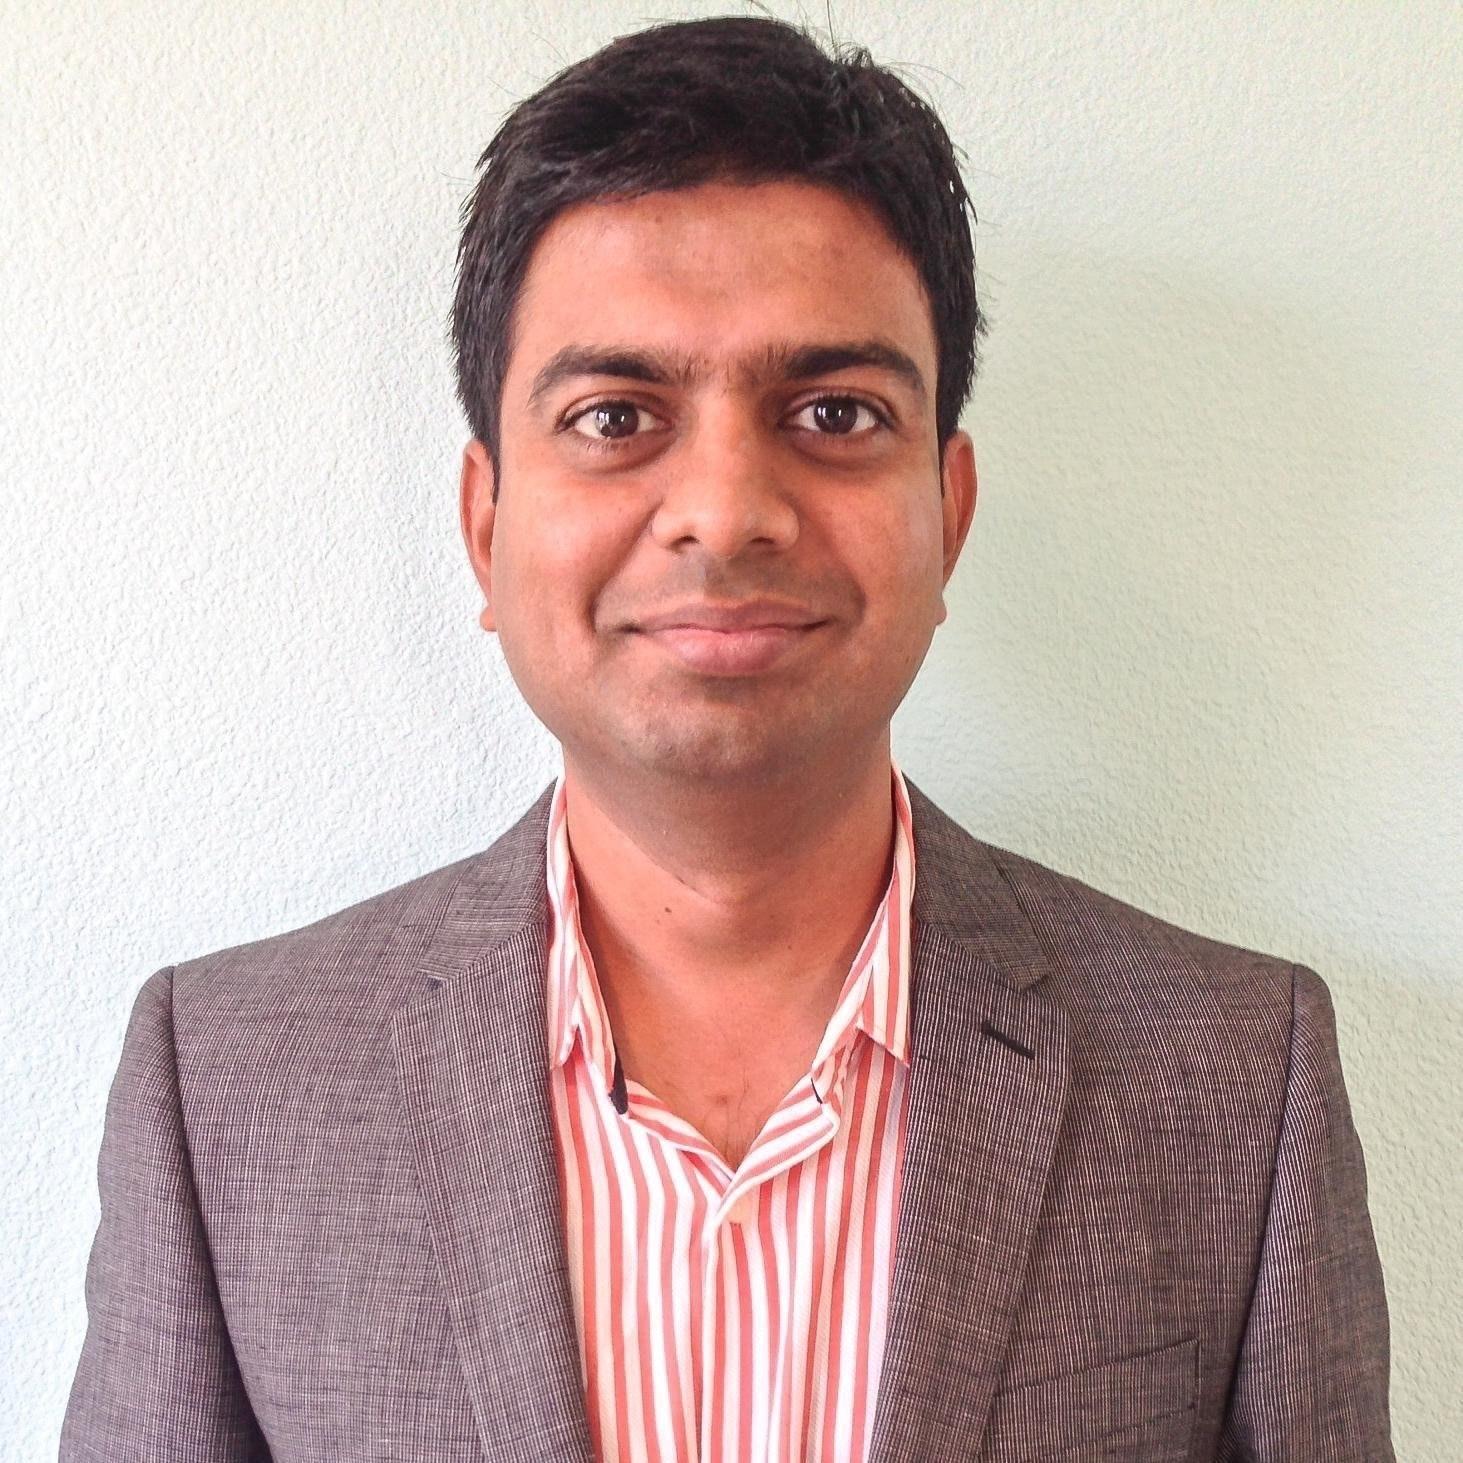 Sushil Choudhari